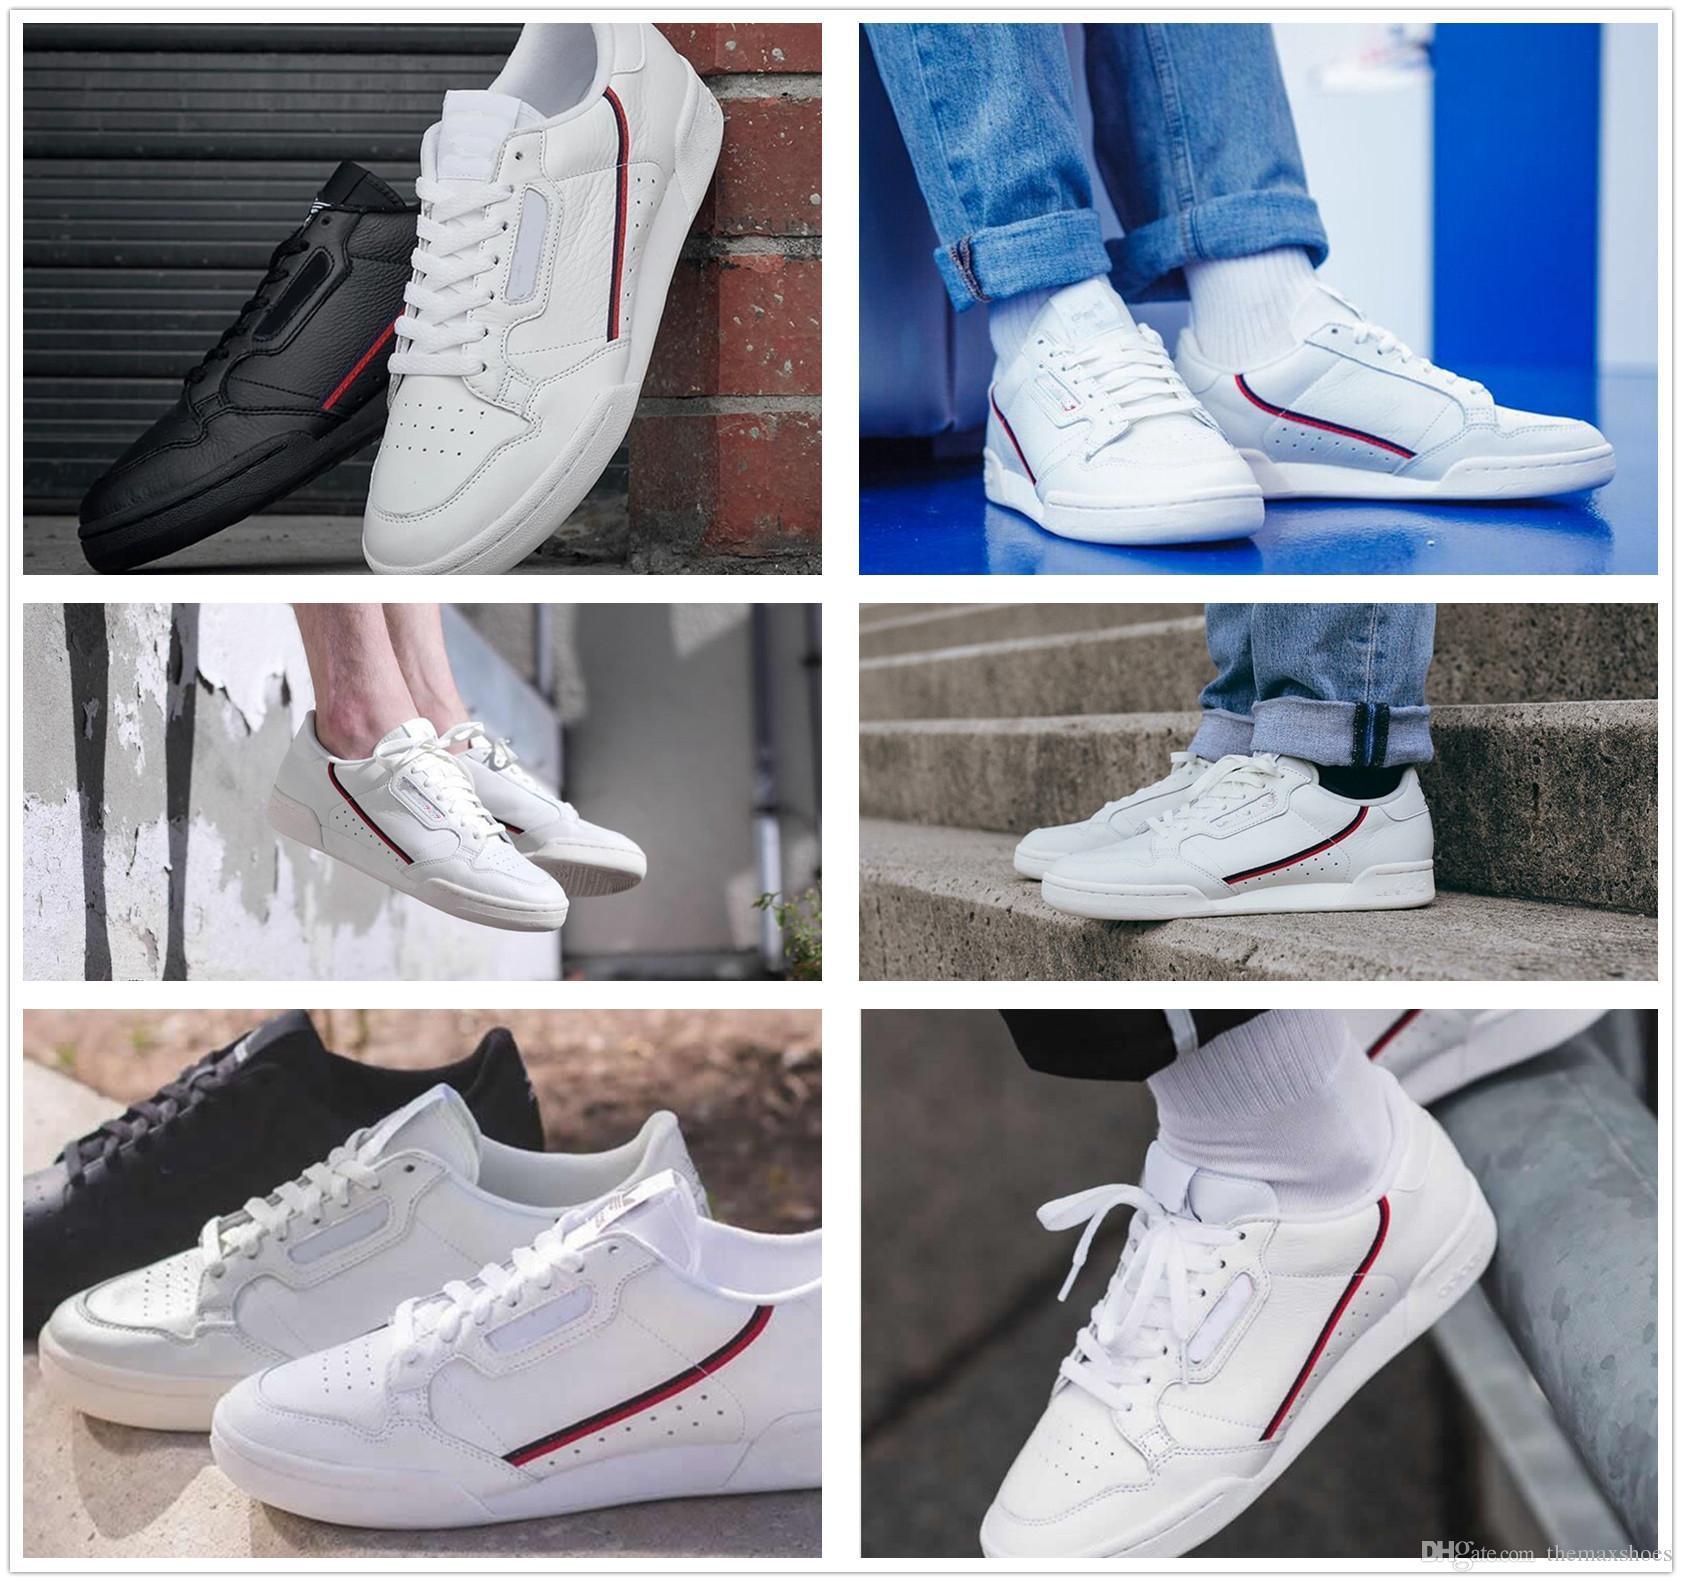 74671e5a92 Compre Antiguidade AD Continental 80 Rascal Couro Sapatos Casuais OG Branco  Núcleo Preto Aero Azul Cinza Homens Moda Sapatilhas Zapatos Moda Sneakers  40 45 ...